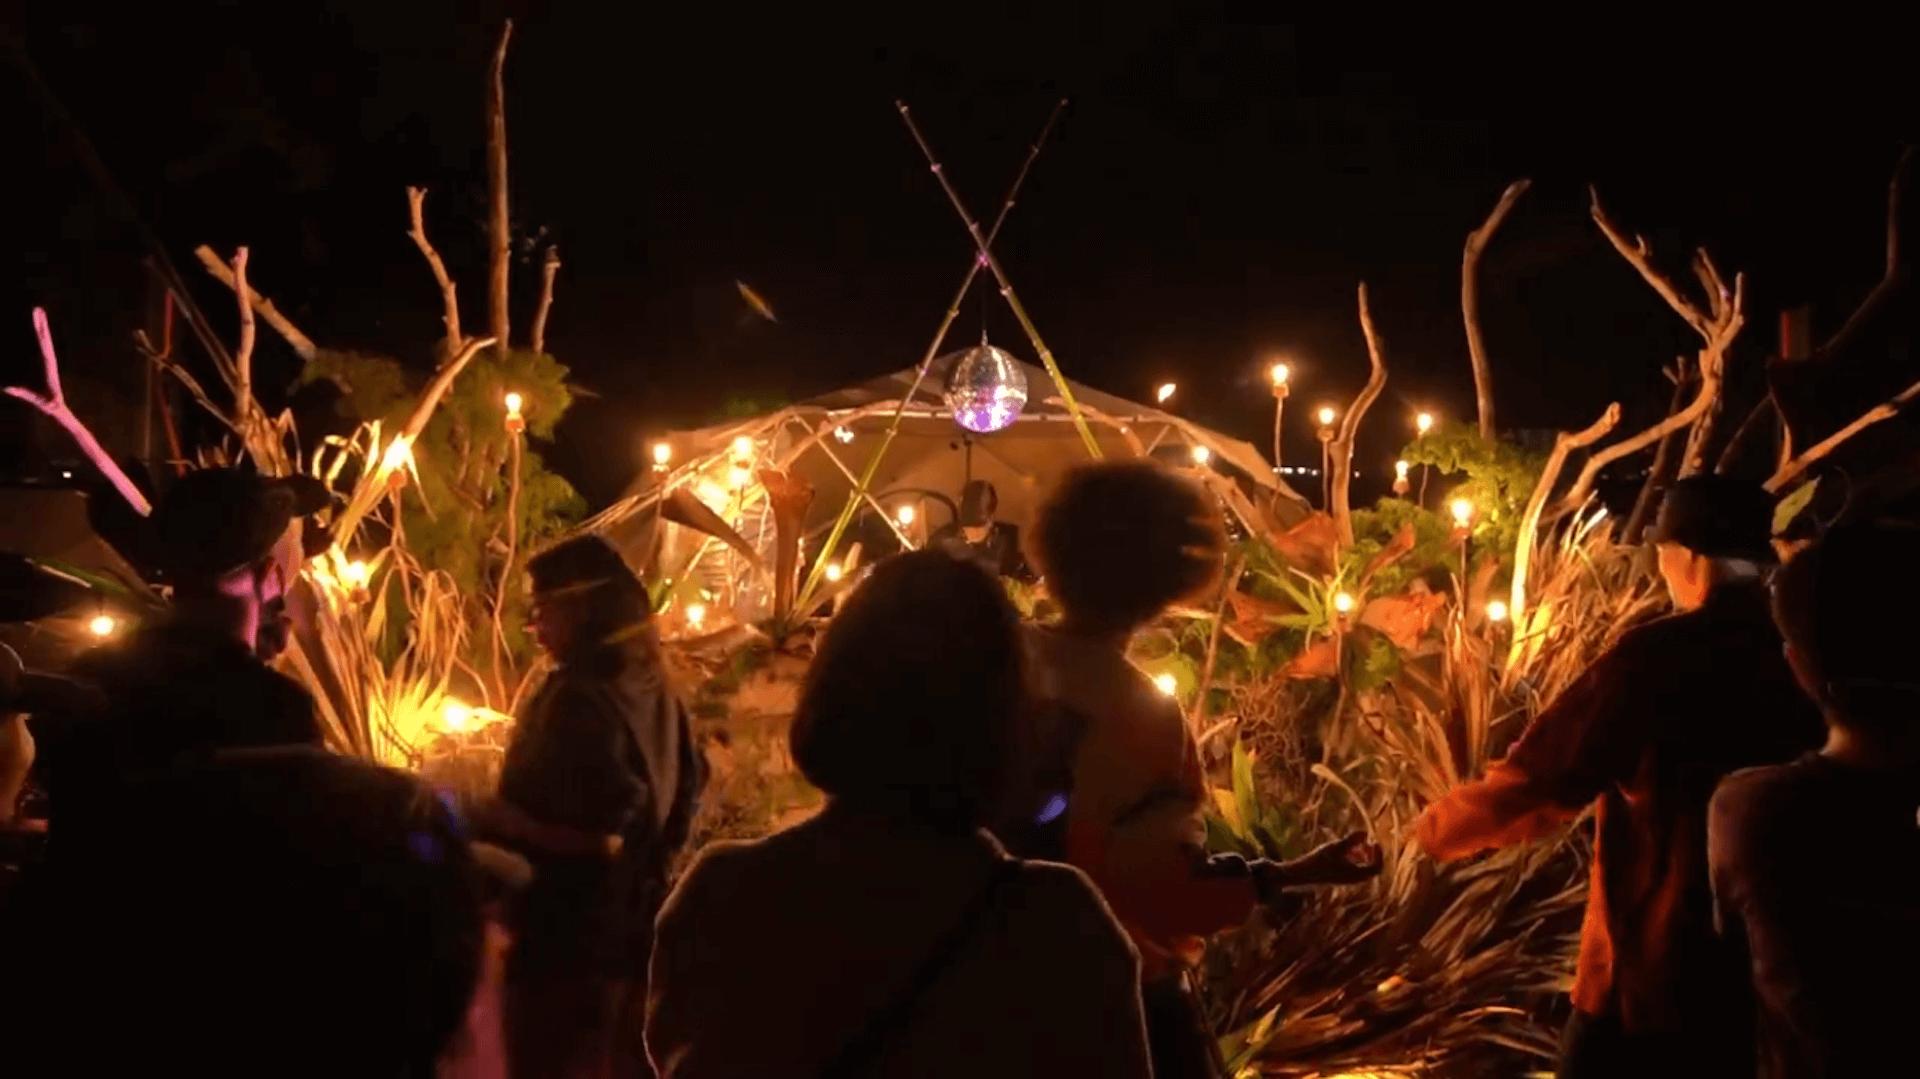 10月開催の<Brightness Open Air 2021 Autumn>第1弾ラインナップが発表!KEN ISHII、REE.K、HIROSHI WATANABE a.k.a KAITOら20組超え music210805_brightness-open-air_6